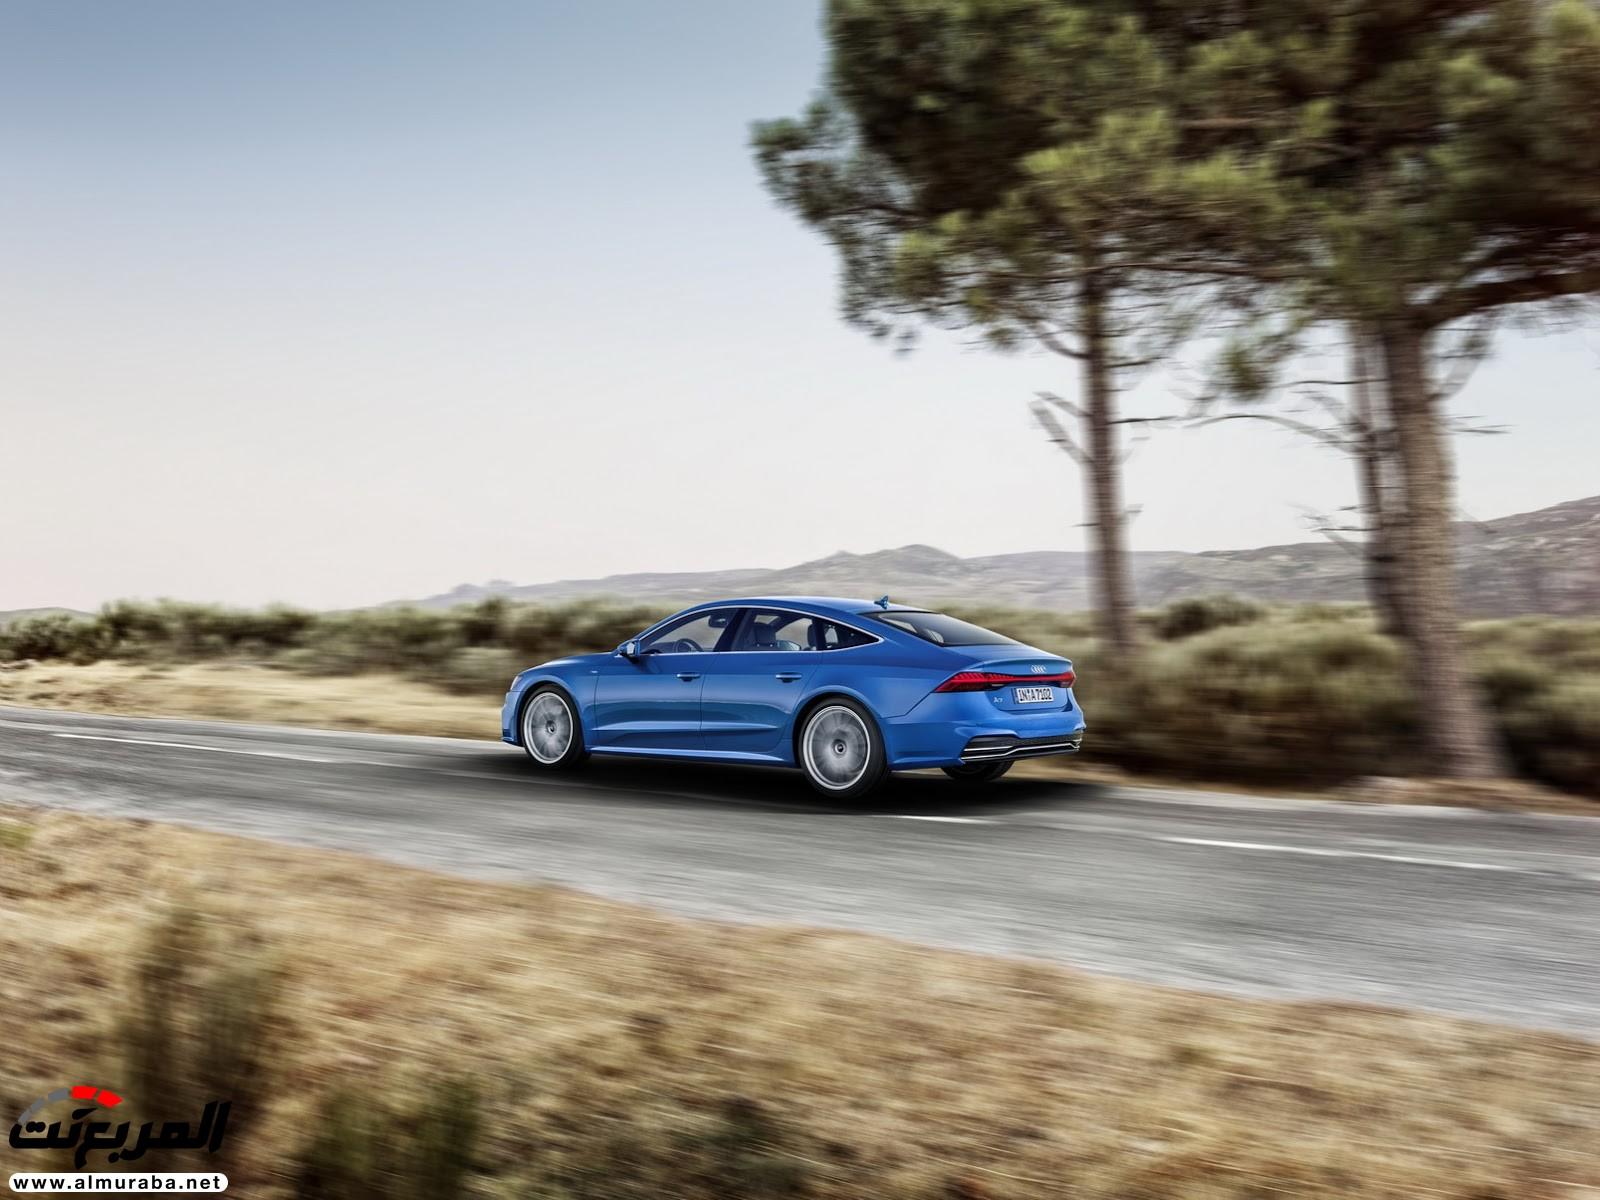 """أودي A7 سبورت باك 2019 الجديدة كلياً تكشف نفسها رسمياً """"صور ومواصفات واسعار توقعية"""" Audi A7   المربع نت"""